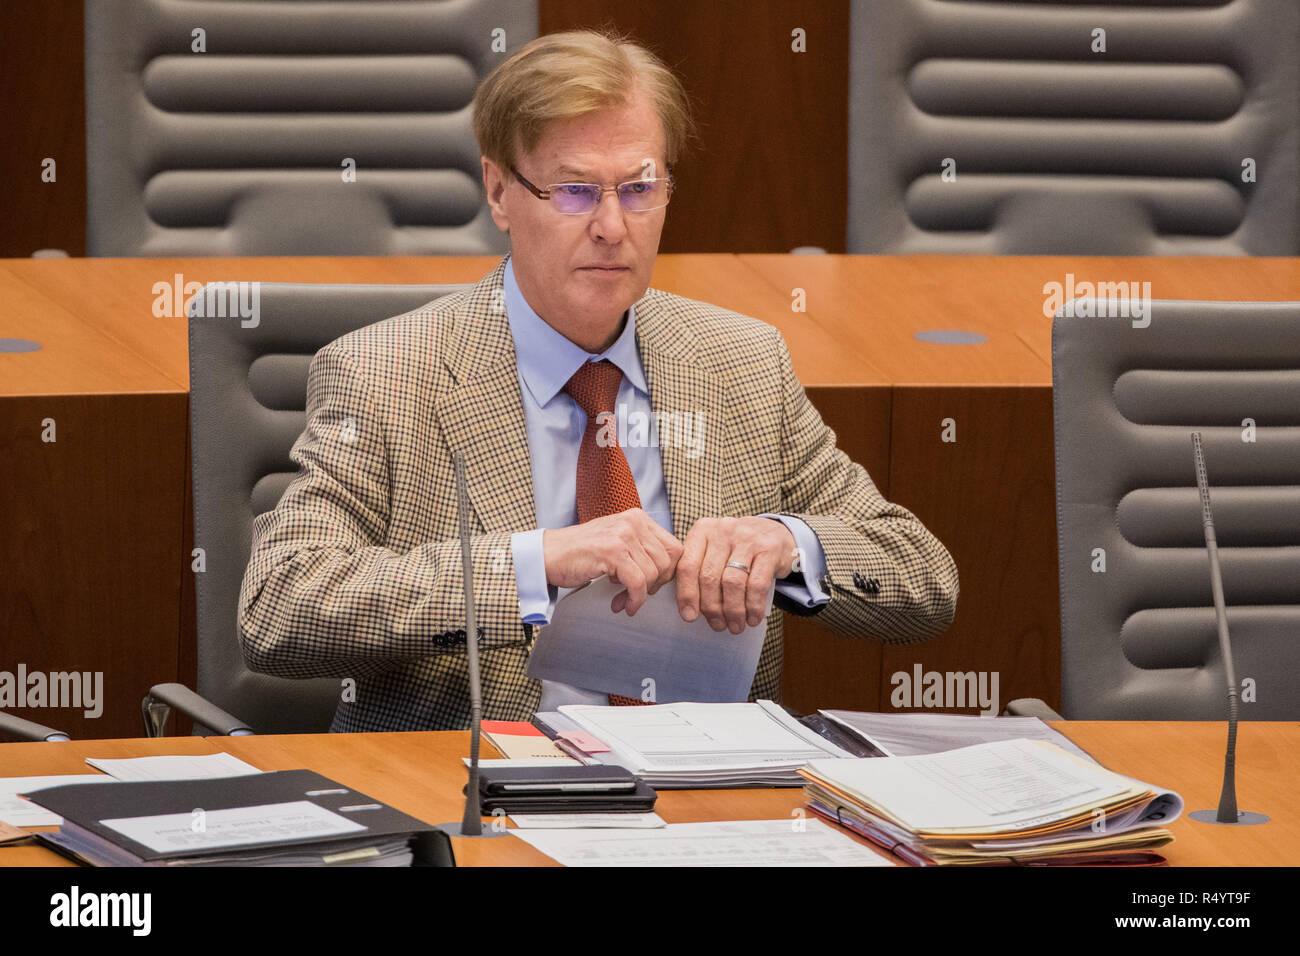 29 de noviembre de 2018, Renania del Norte - Westfalia, Düsseldorf: Peter Biesenbach (CDU), Ministro de Justicia del Estado federado de Renania del Norte-Westfalia, se asienta en el pleno del parlamento del estado. Los eurodiputados debaten la salida del Reino Unido de acuerdo con la UE y el establecimiento de una comisión de investigación sobre la muerte de un inocente prisionero sirio en la cárcel Kleve. Foto: Rolf Vennenbernd/dpa Foto de stock